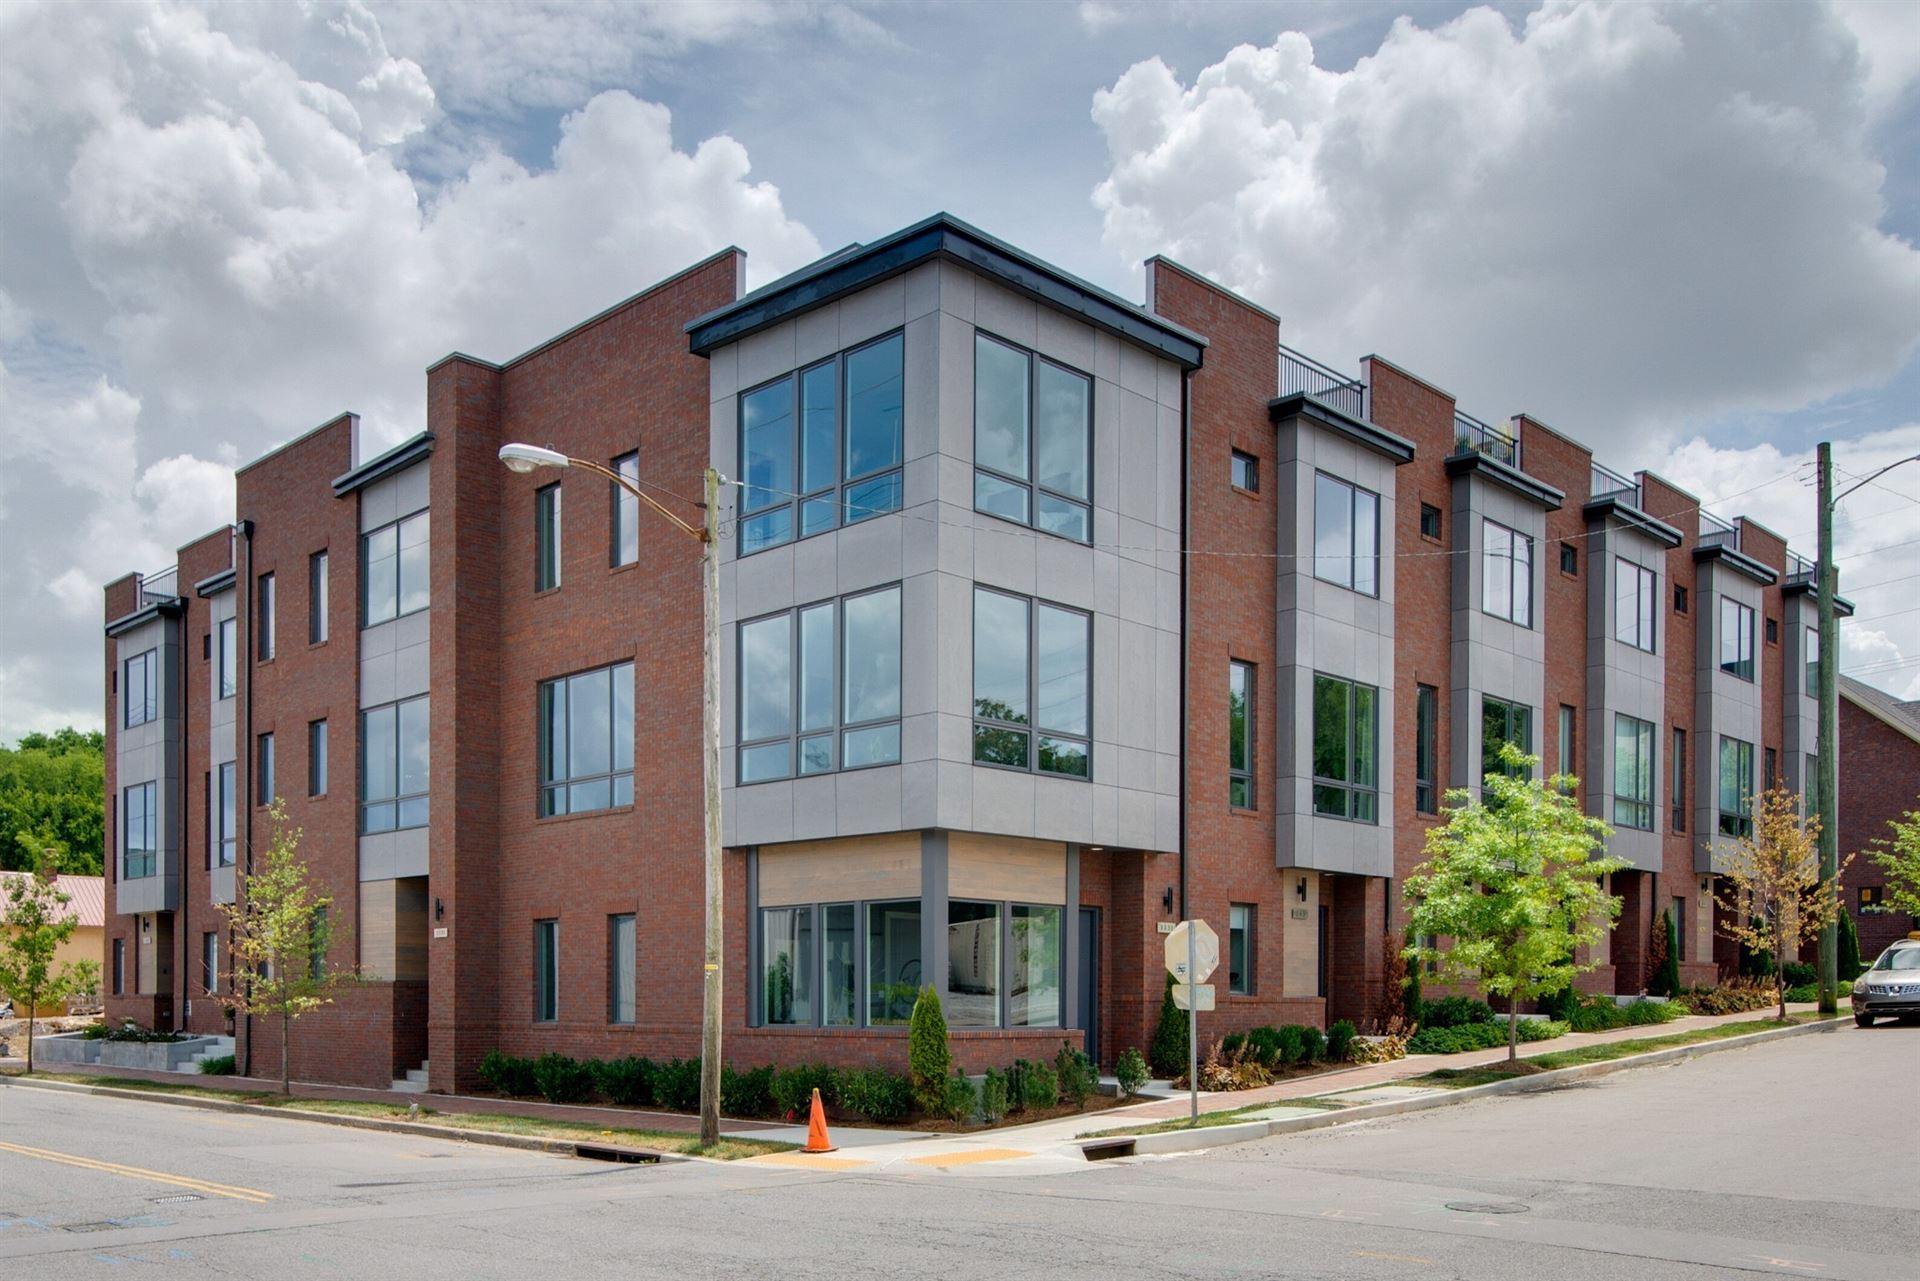 213 Taylor Street #4, Nashville, TN 37208 - MLS#: 2220242